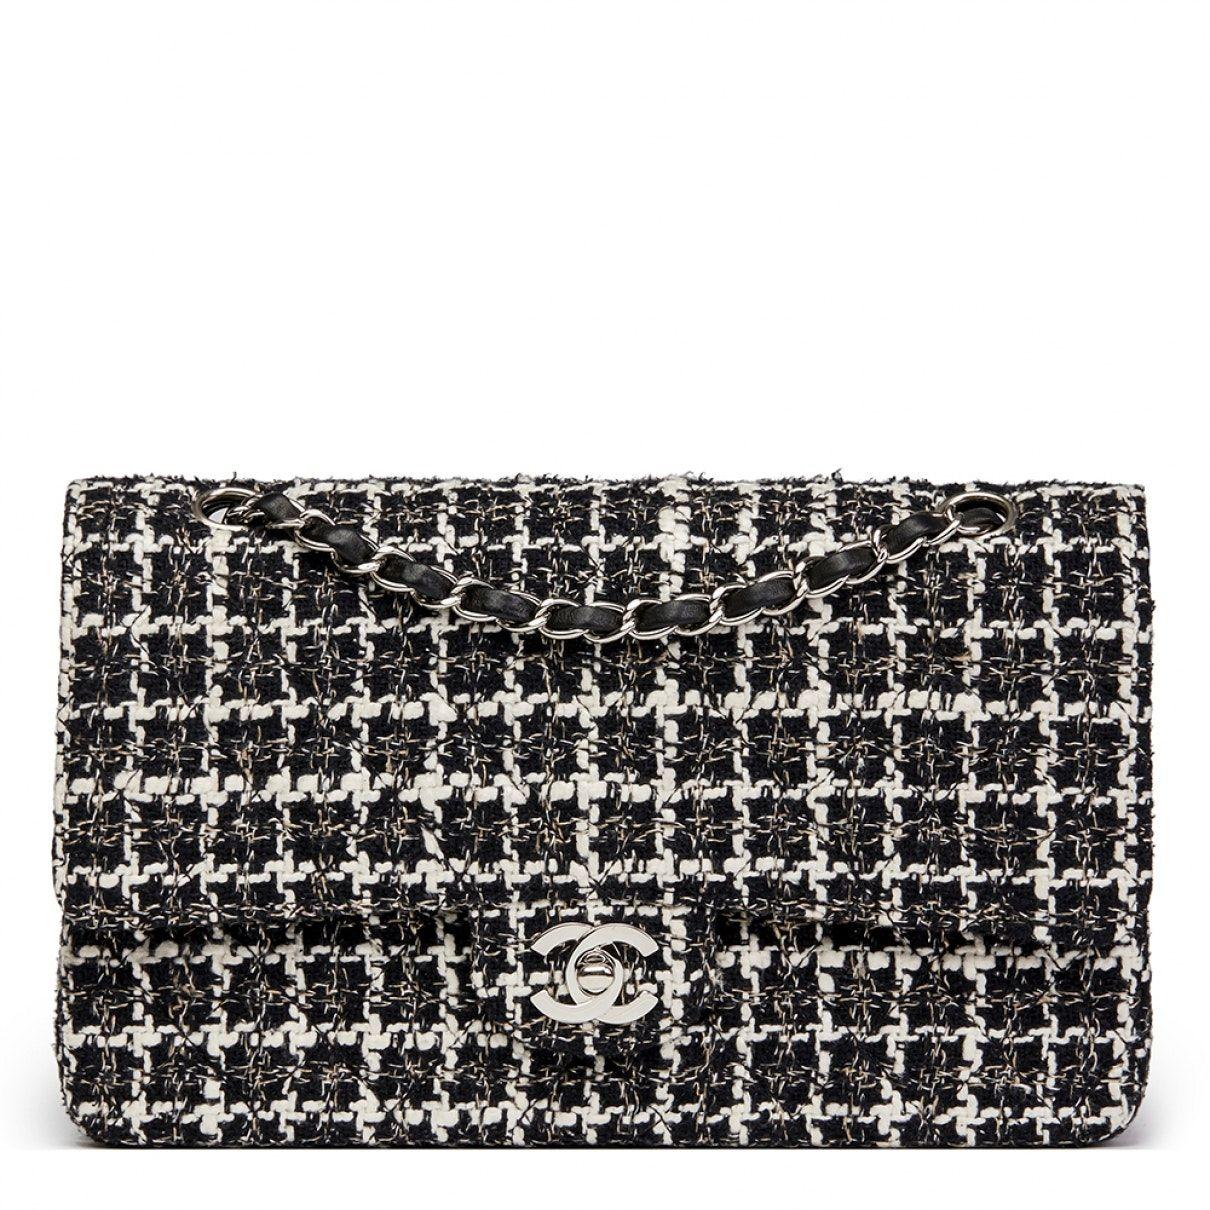 b9ddb7d73ccc CHANEL Timeless tweed handbag   Bag Lady   Sac chanel, Sac à Main ...